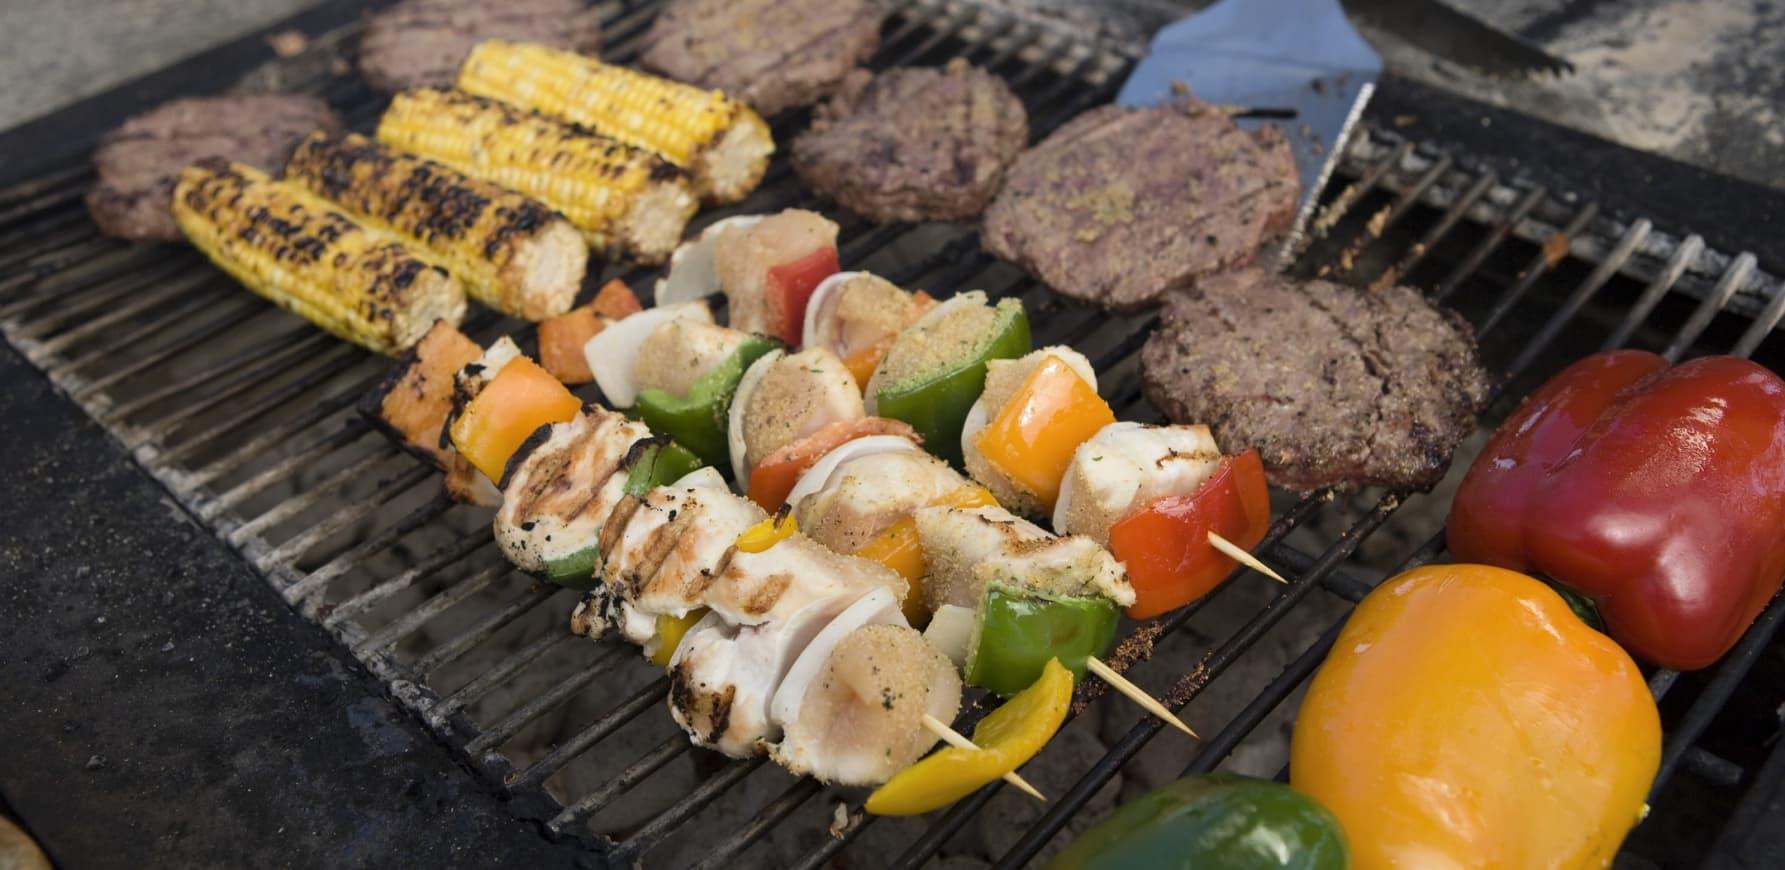 Barbecuen met familiedag